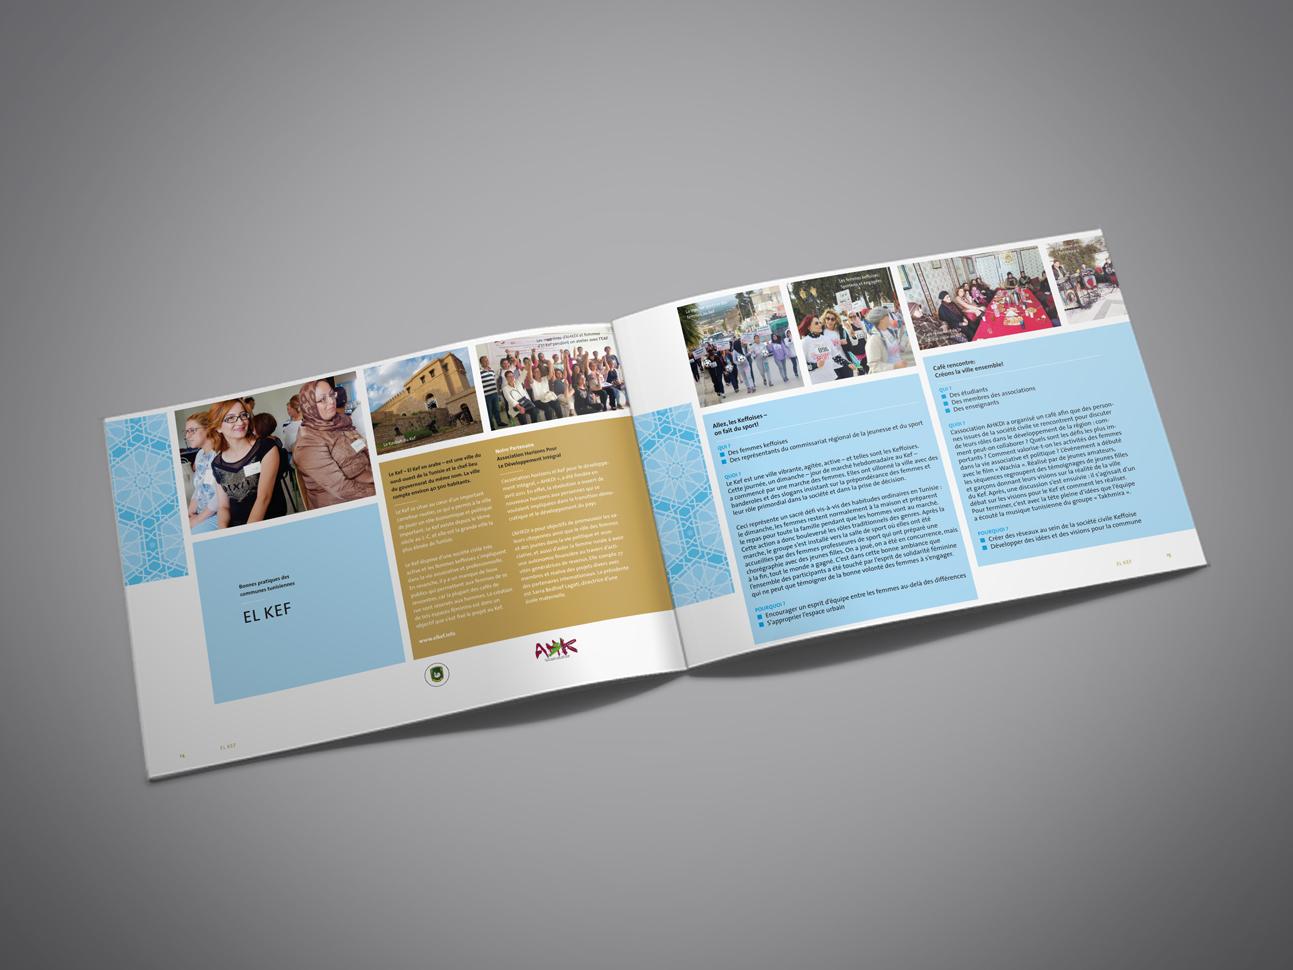 martin_zech_design_projekt_design_demokratie-braucht-frauen_broschuere_kommune